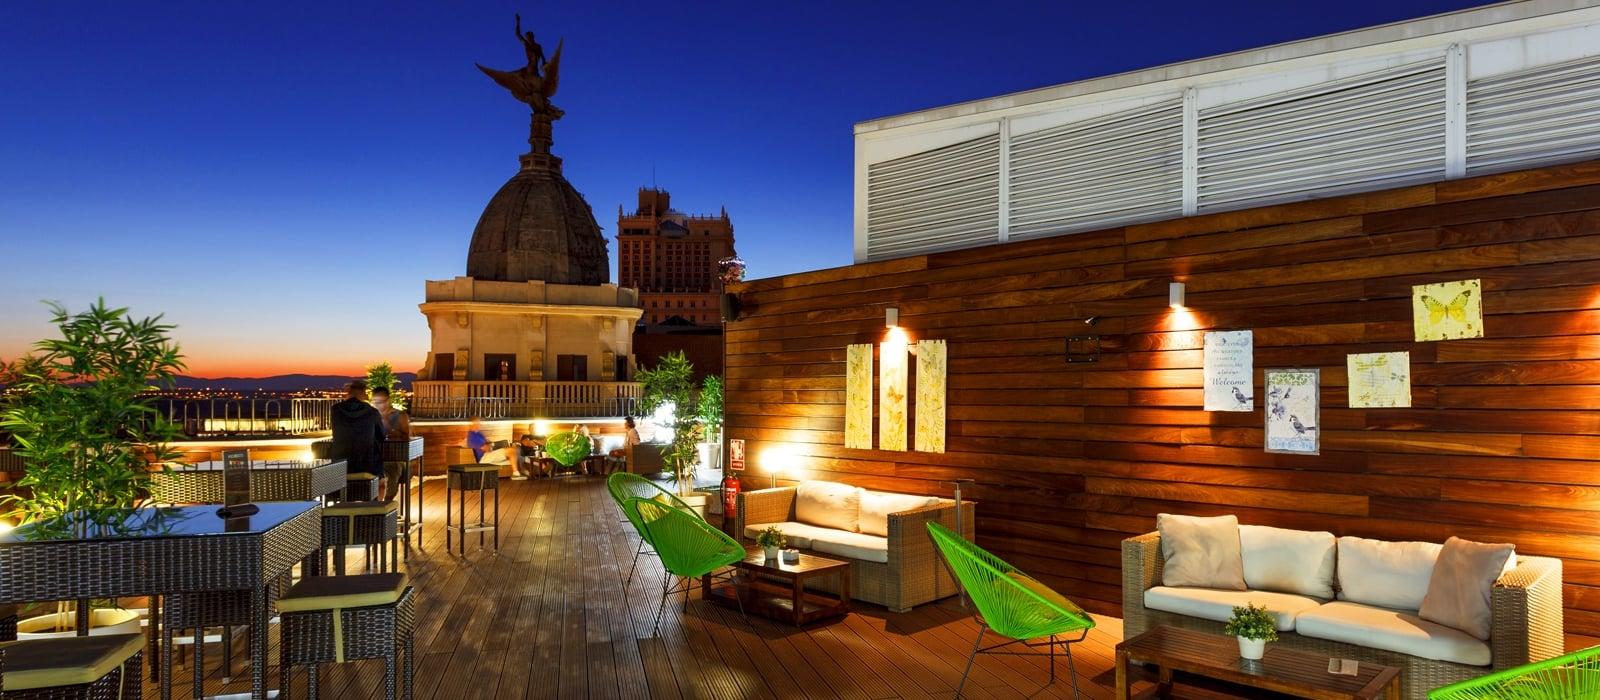 Offre spéciale Hotel Vincci Via 66 - Madrid - promo - hebergement